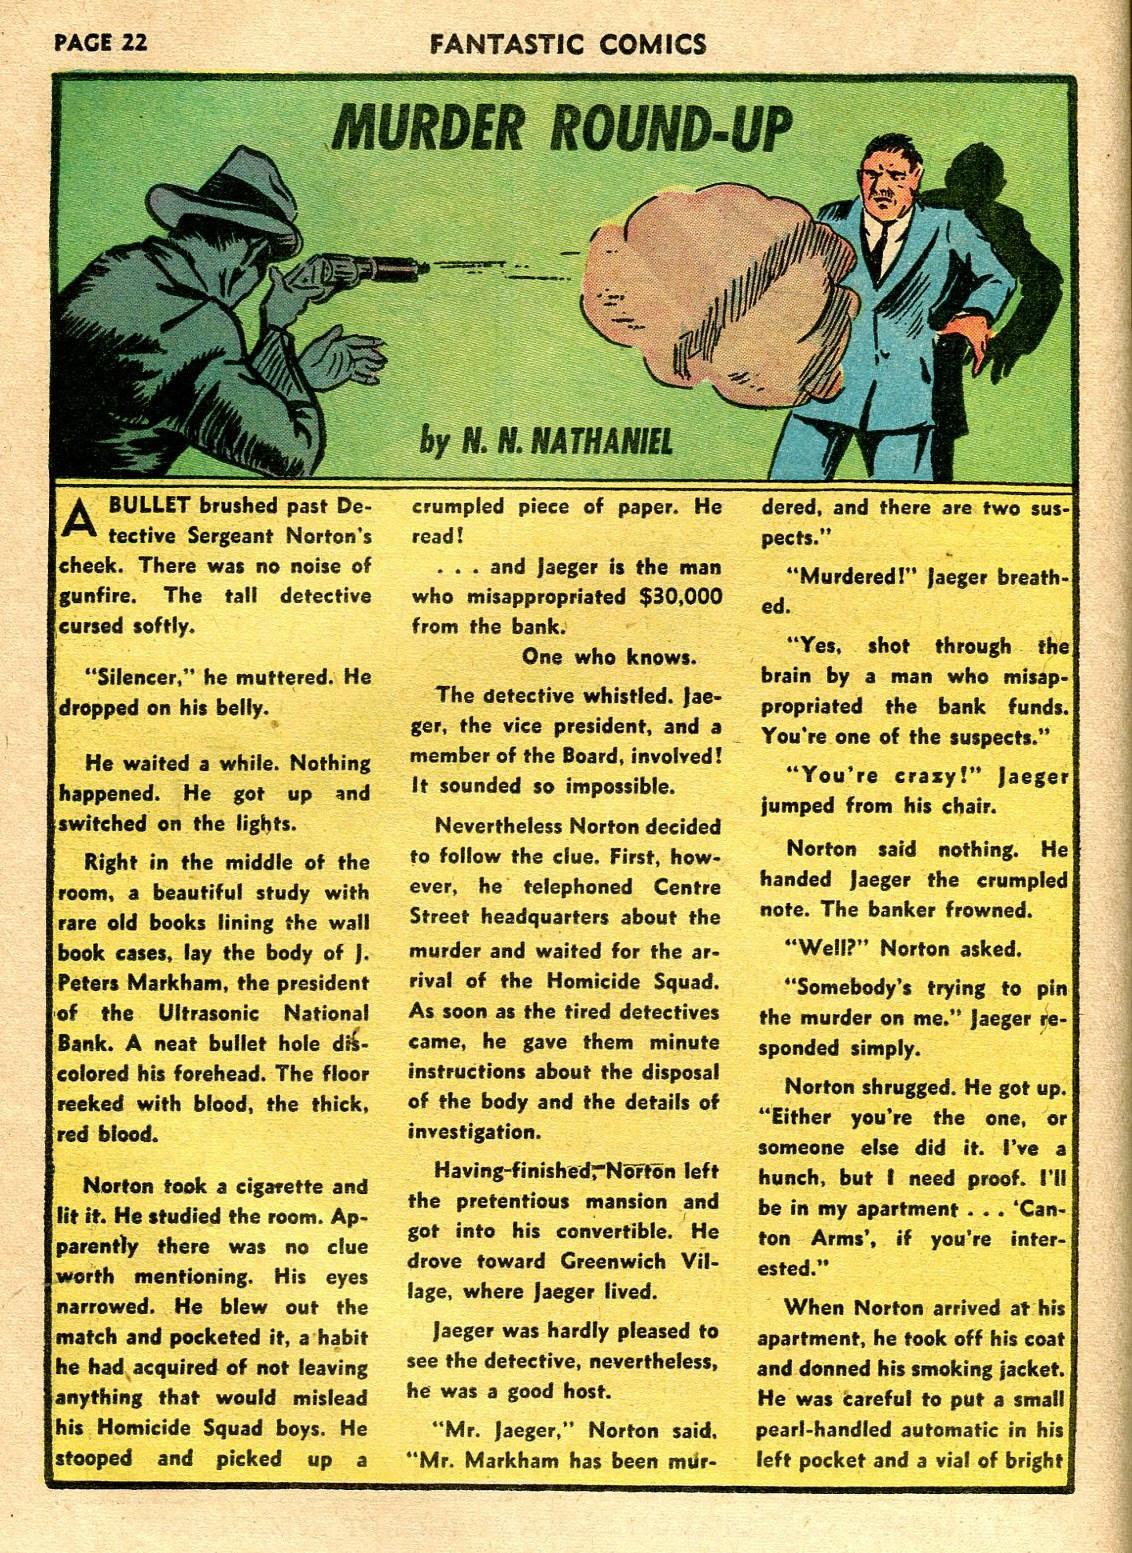 Read online Fantastic Comics comic -  Issue #21 - 24